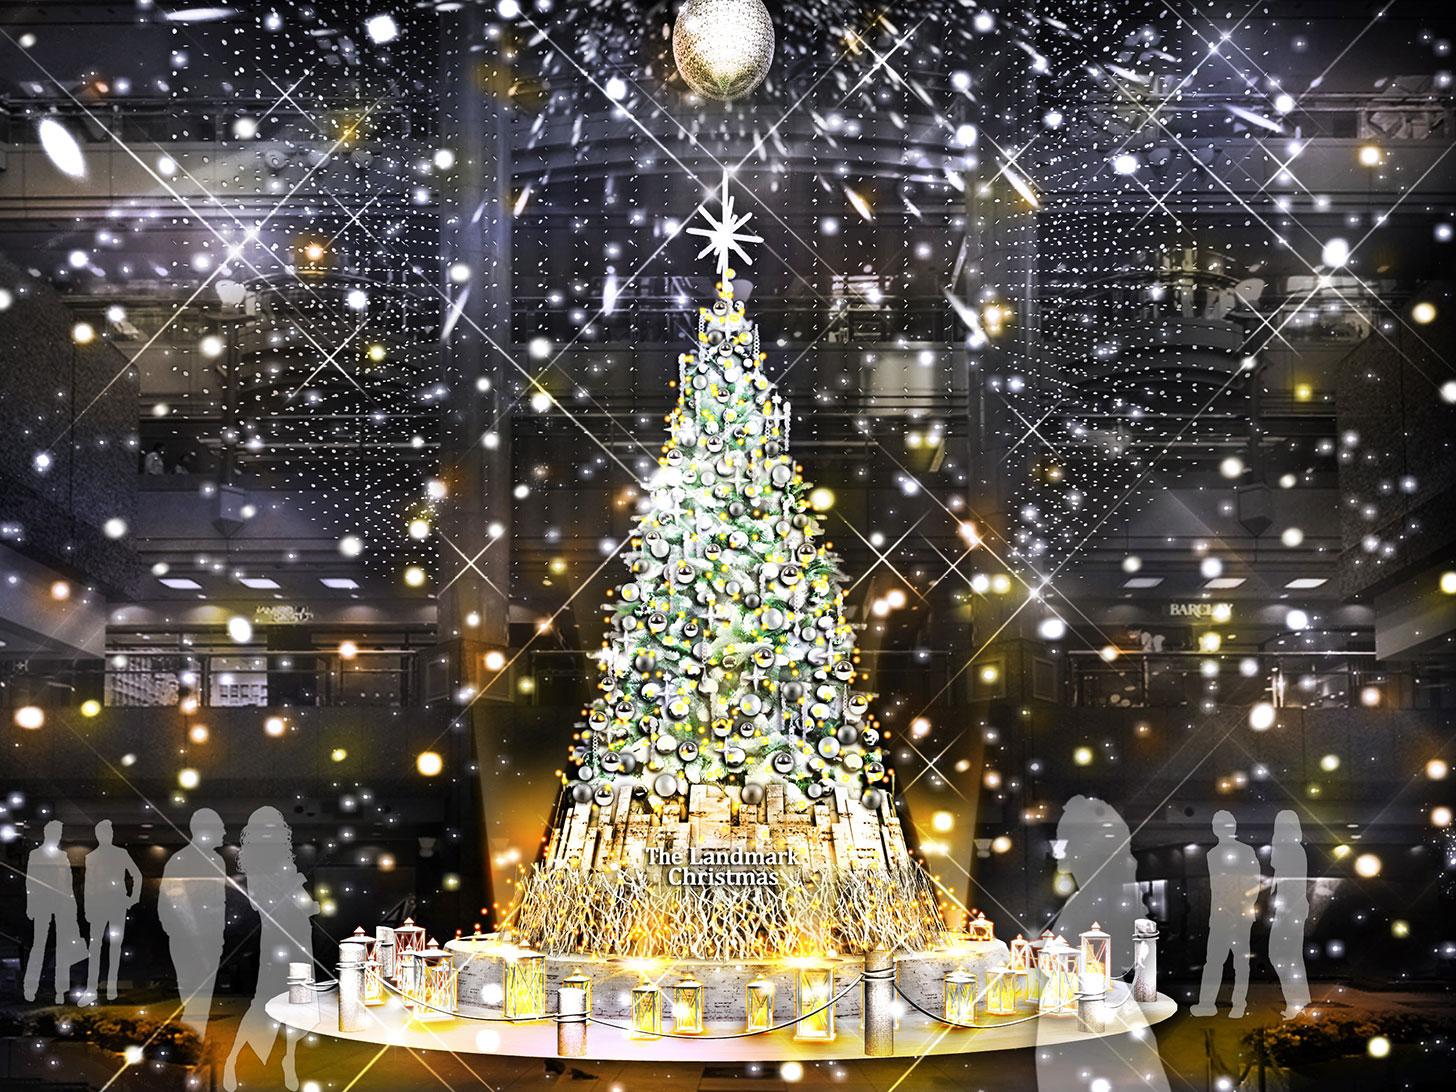 2019年 横浜ランドマークタワーにクリスマスツリー登場!降雪イベントも